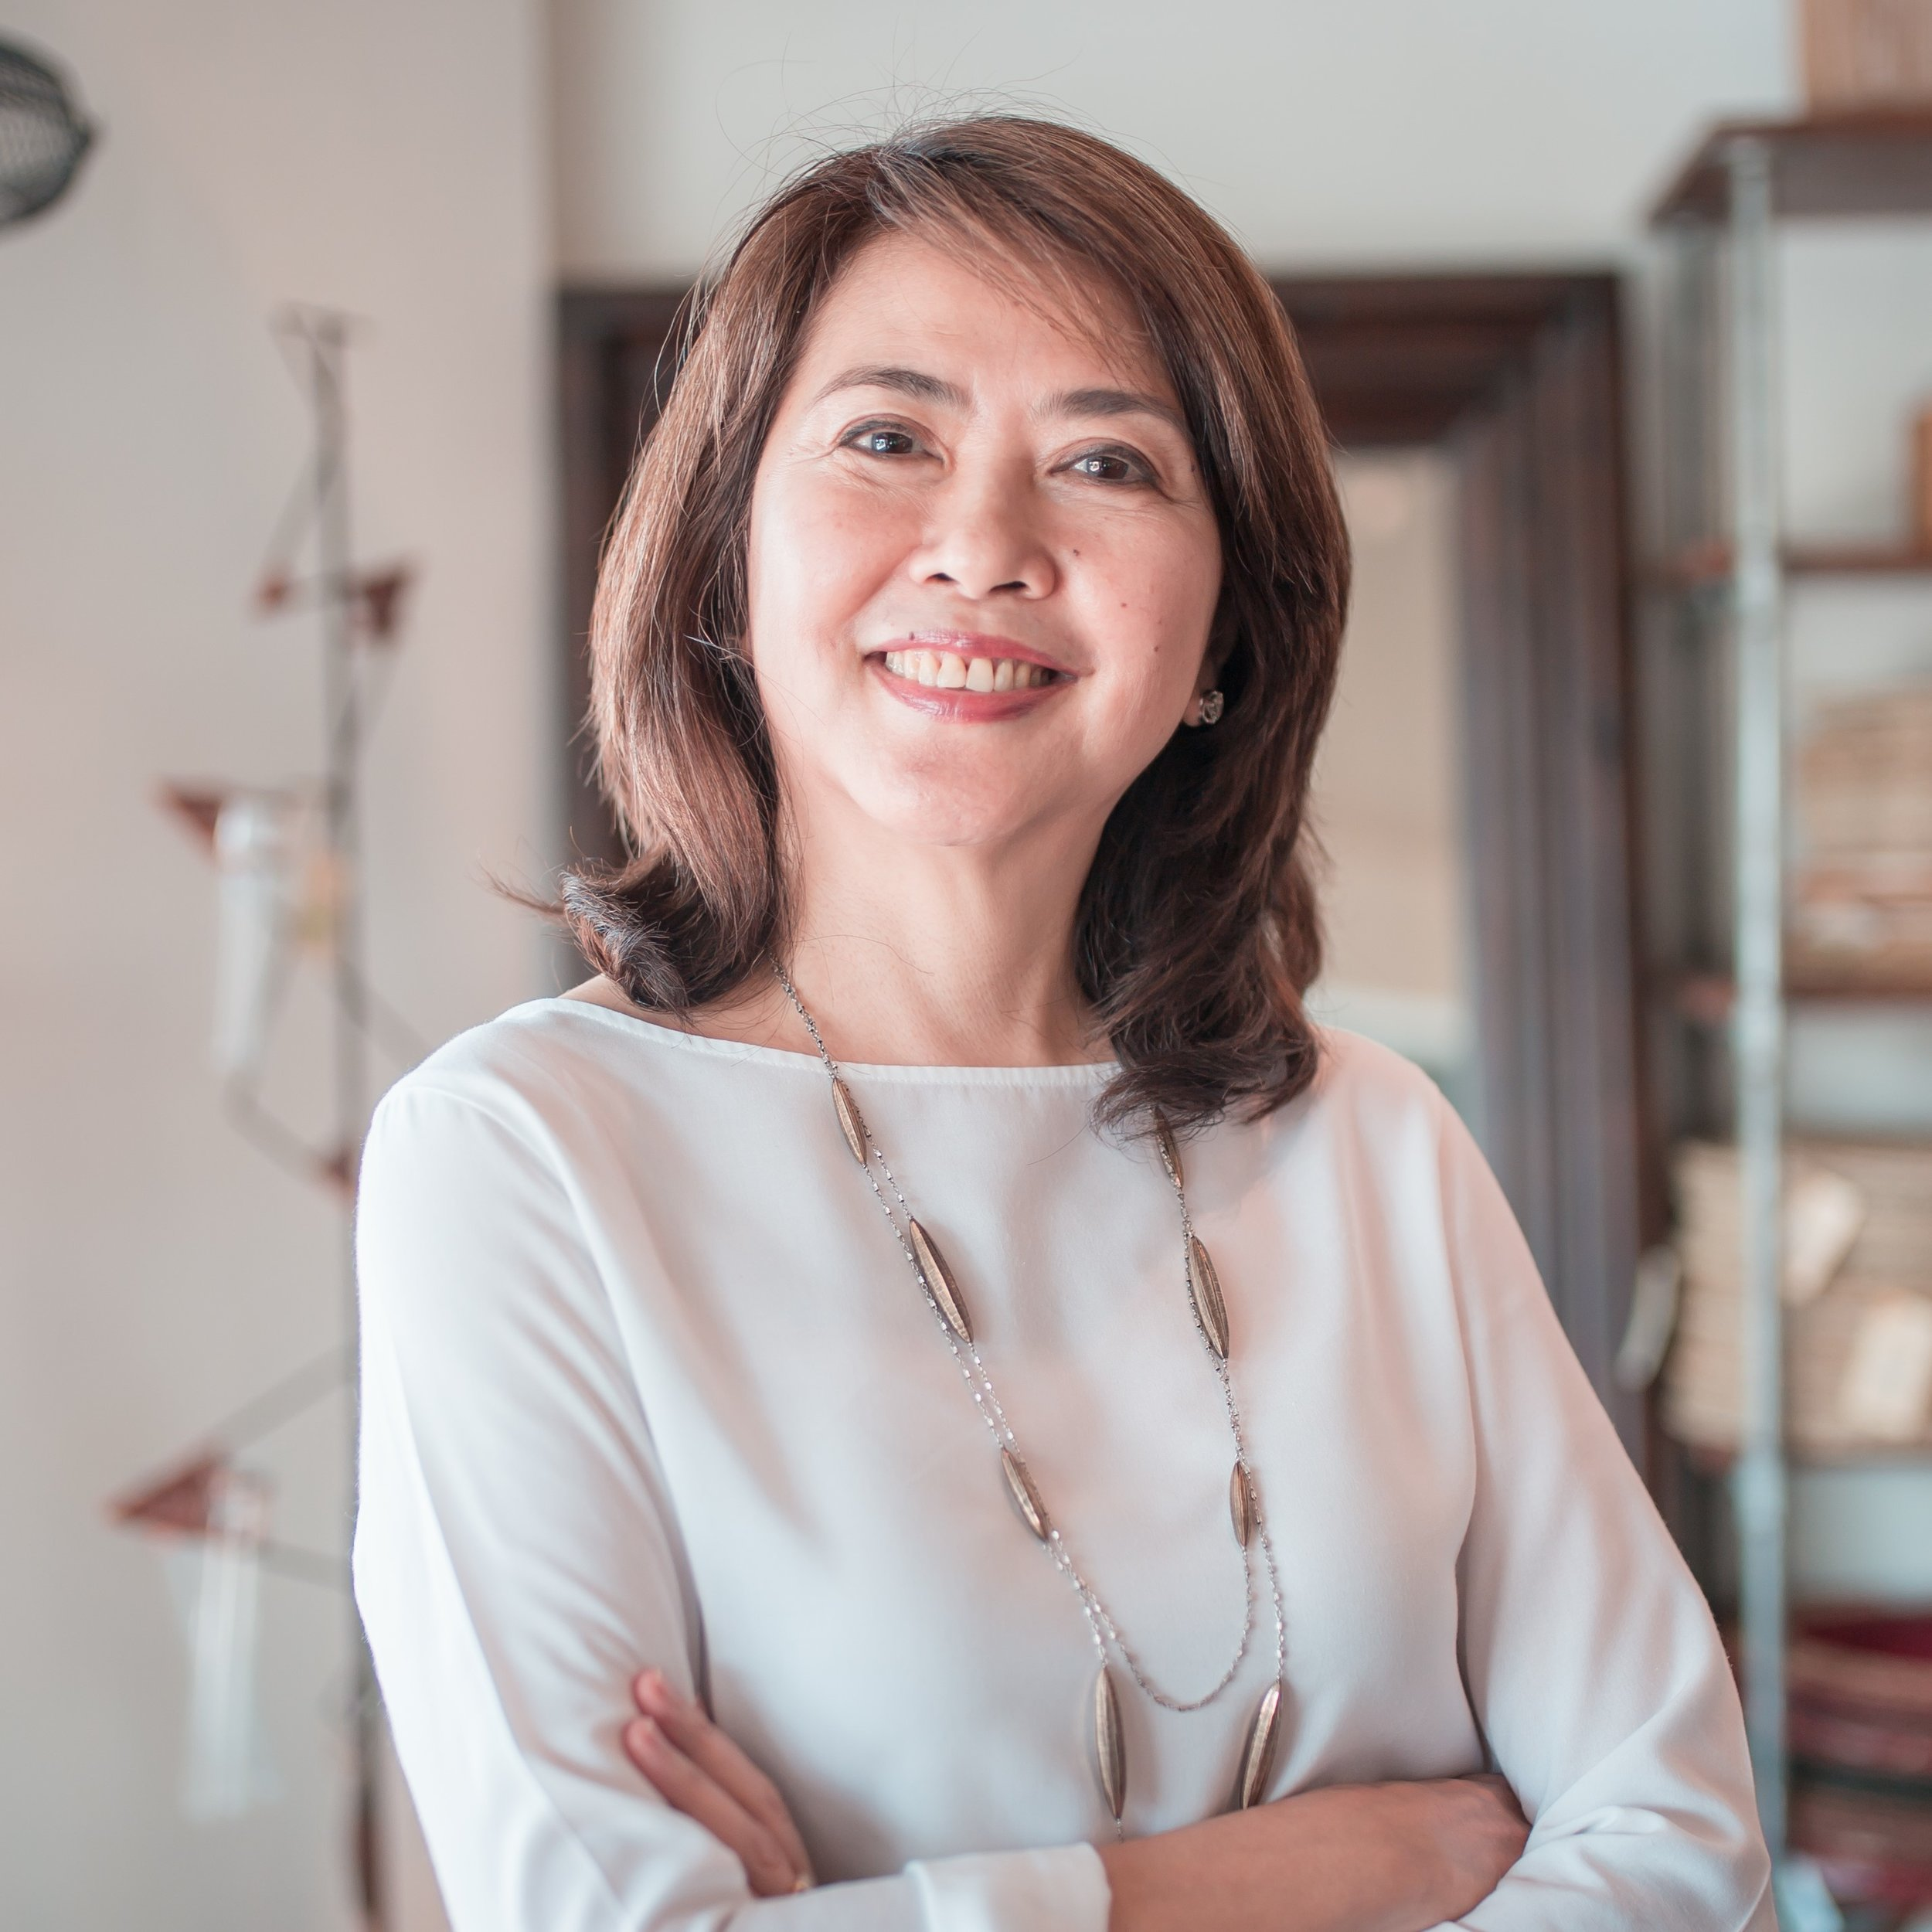 CRISTINA LO - Vice Chairperson